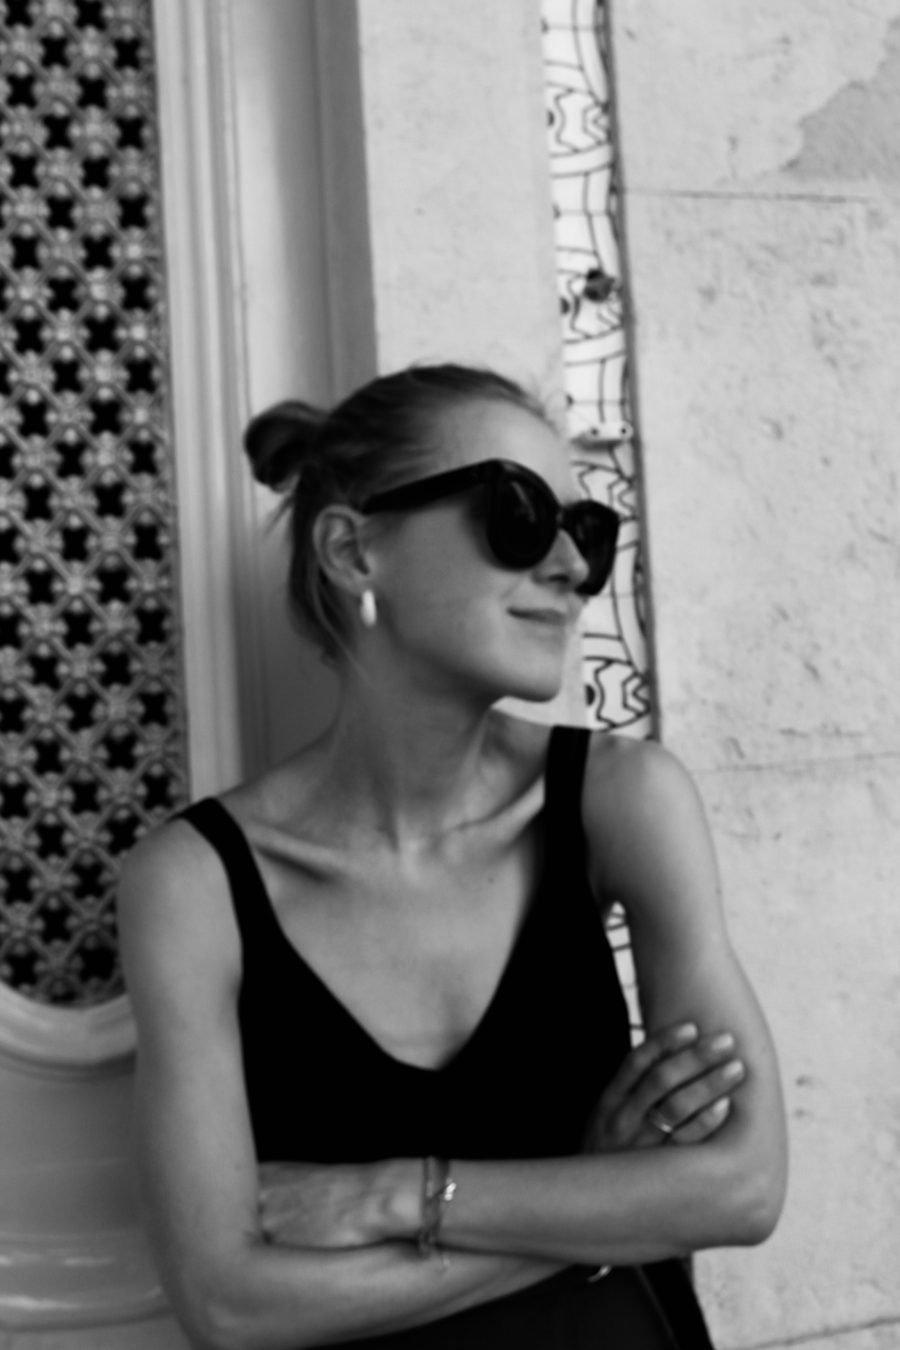 anna borisovna blogger style